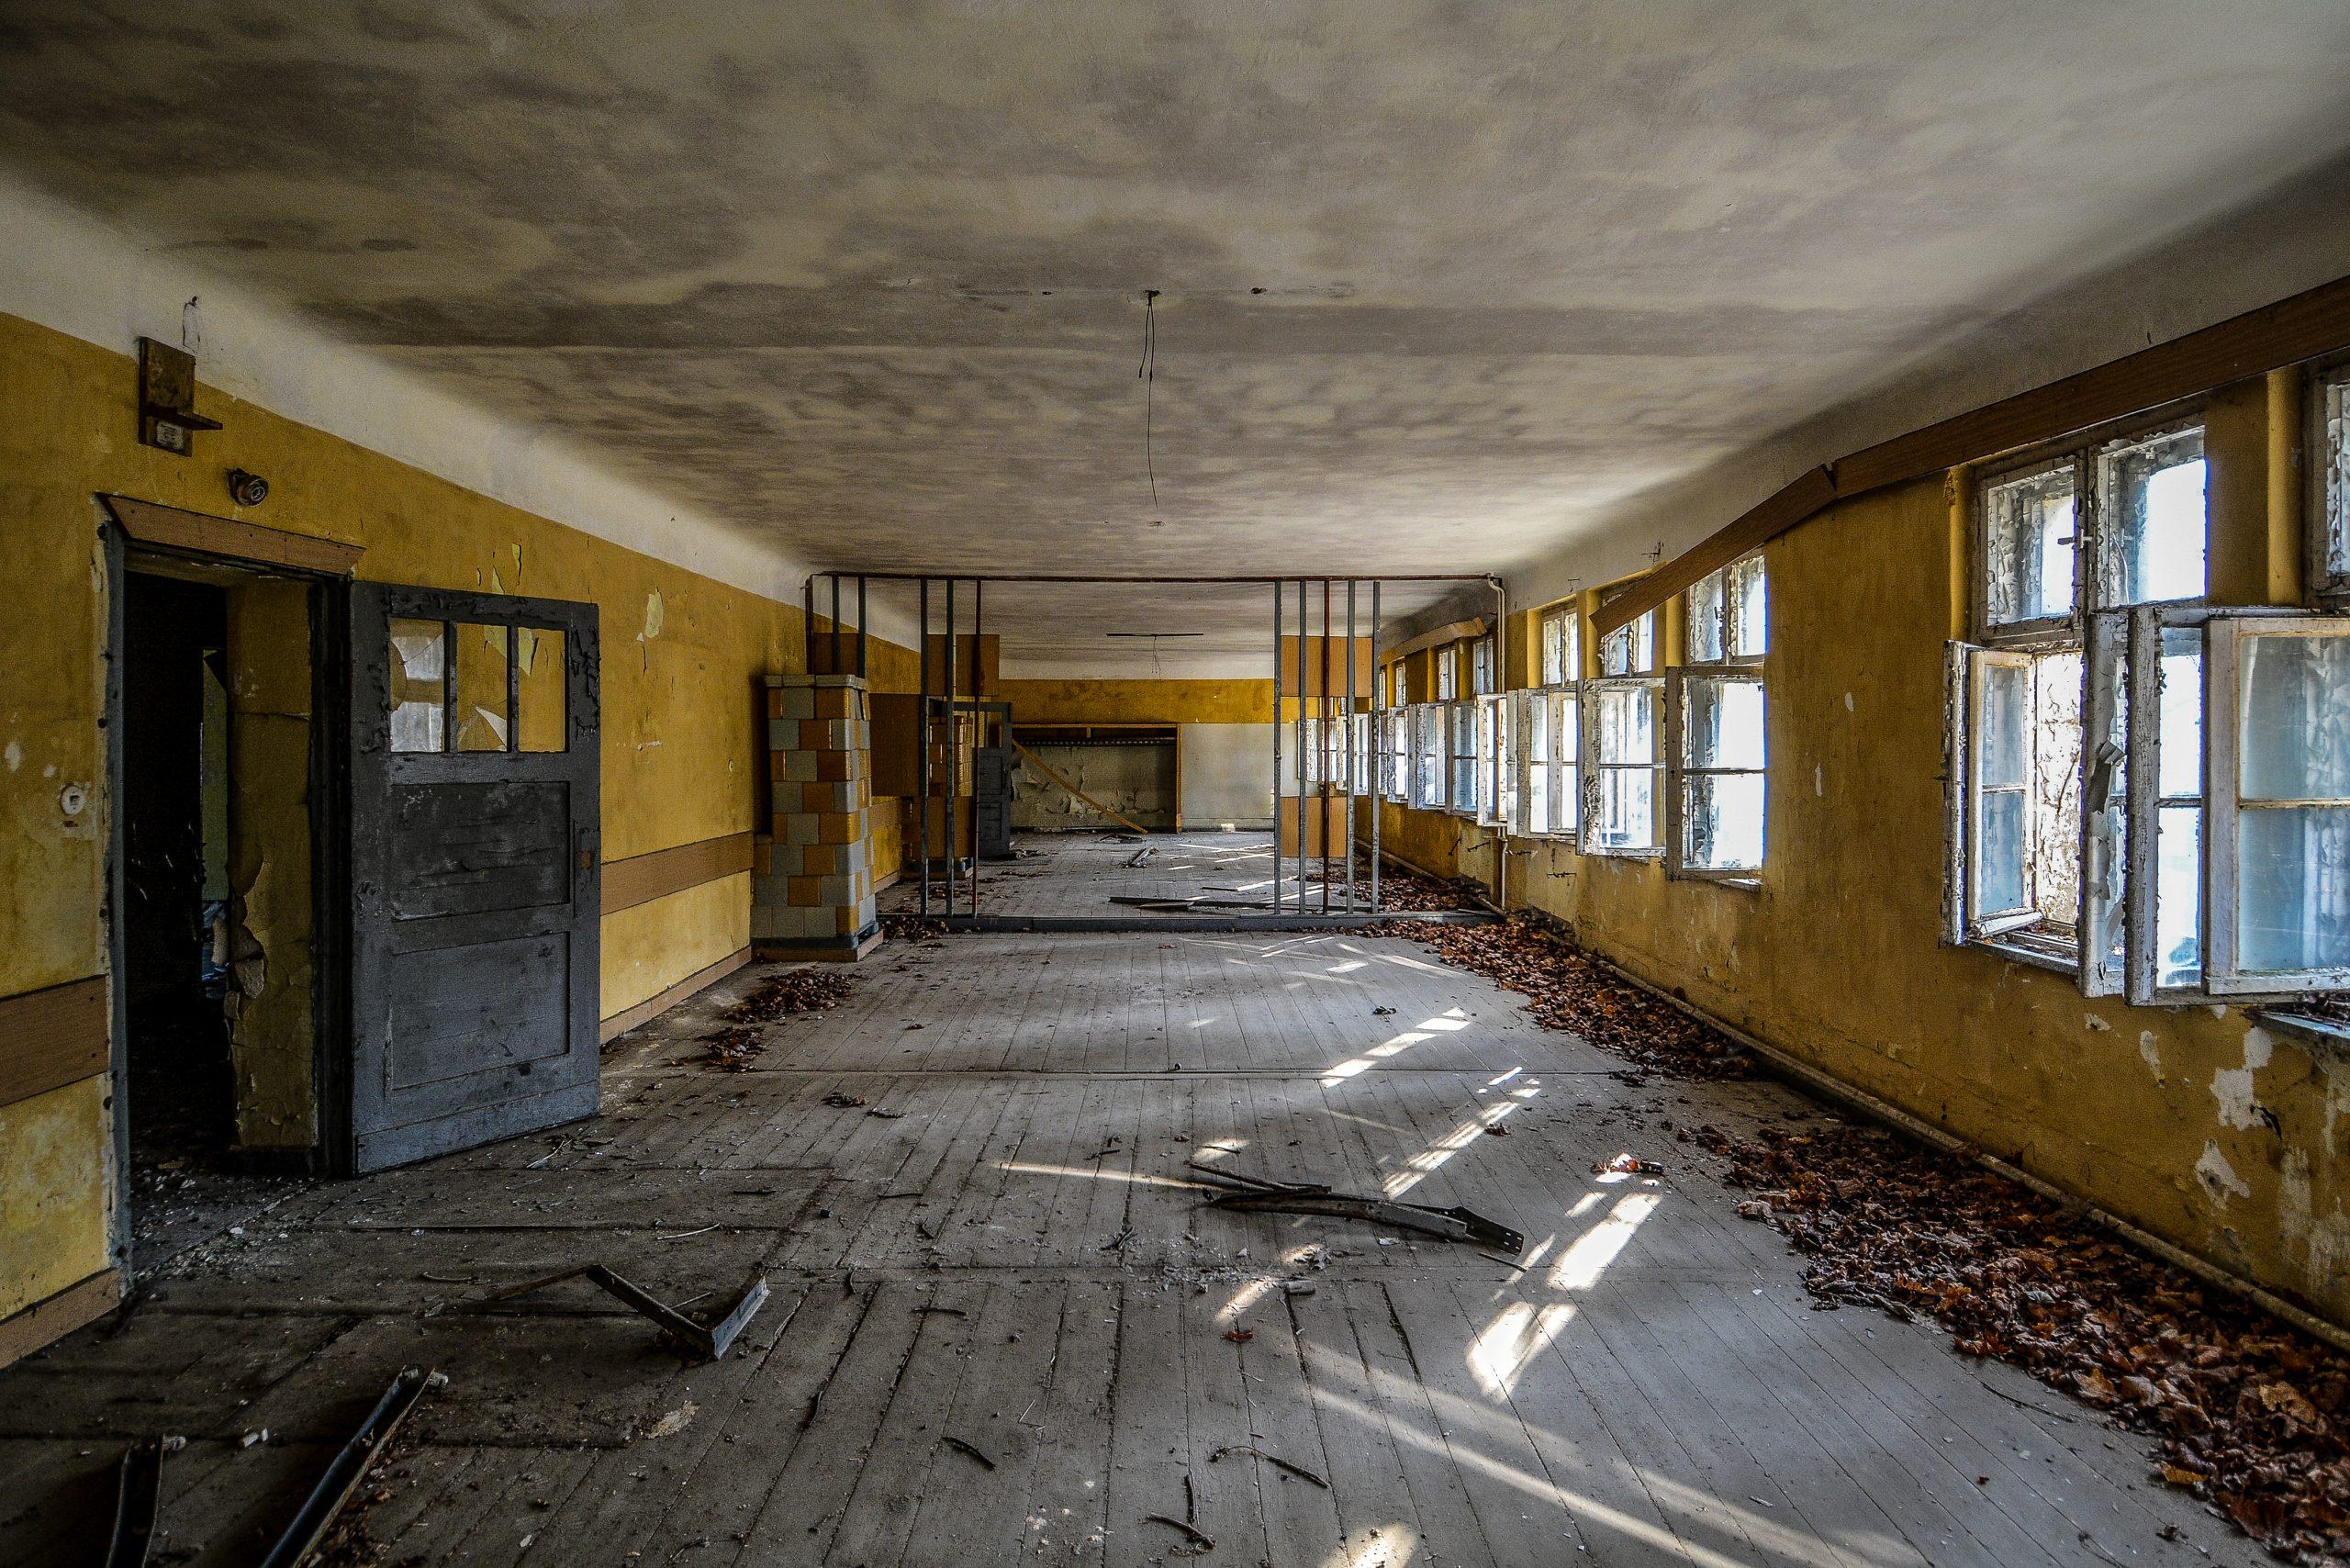 soviet military offices forst zinna adolf hitler lager luckenwalde juterbog sowjet kaserne soviet military barracks germany lost places urbex abandoned